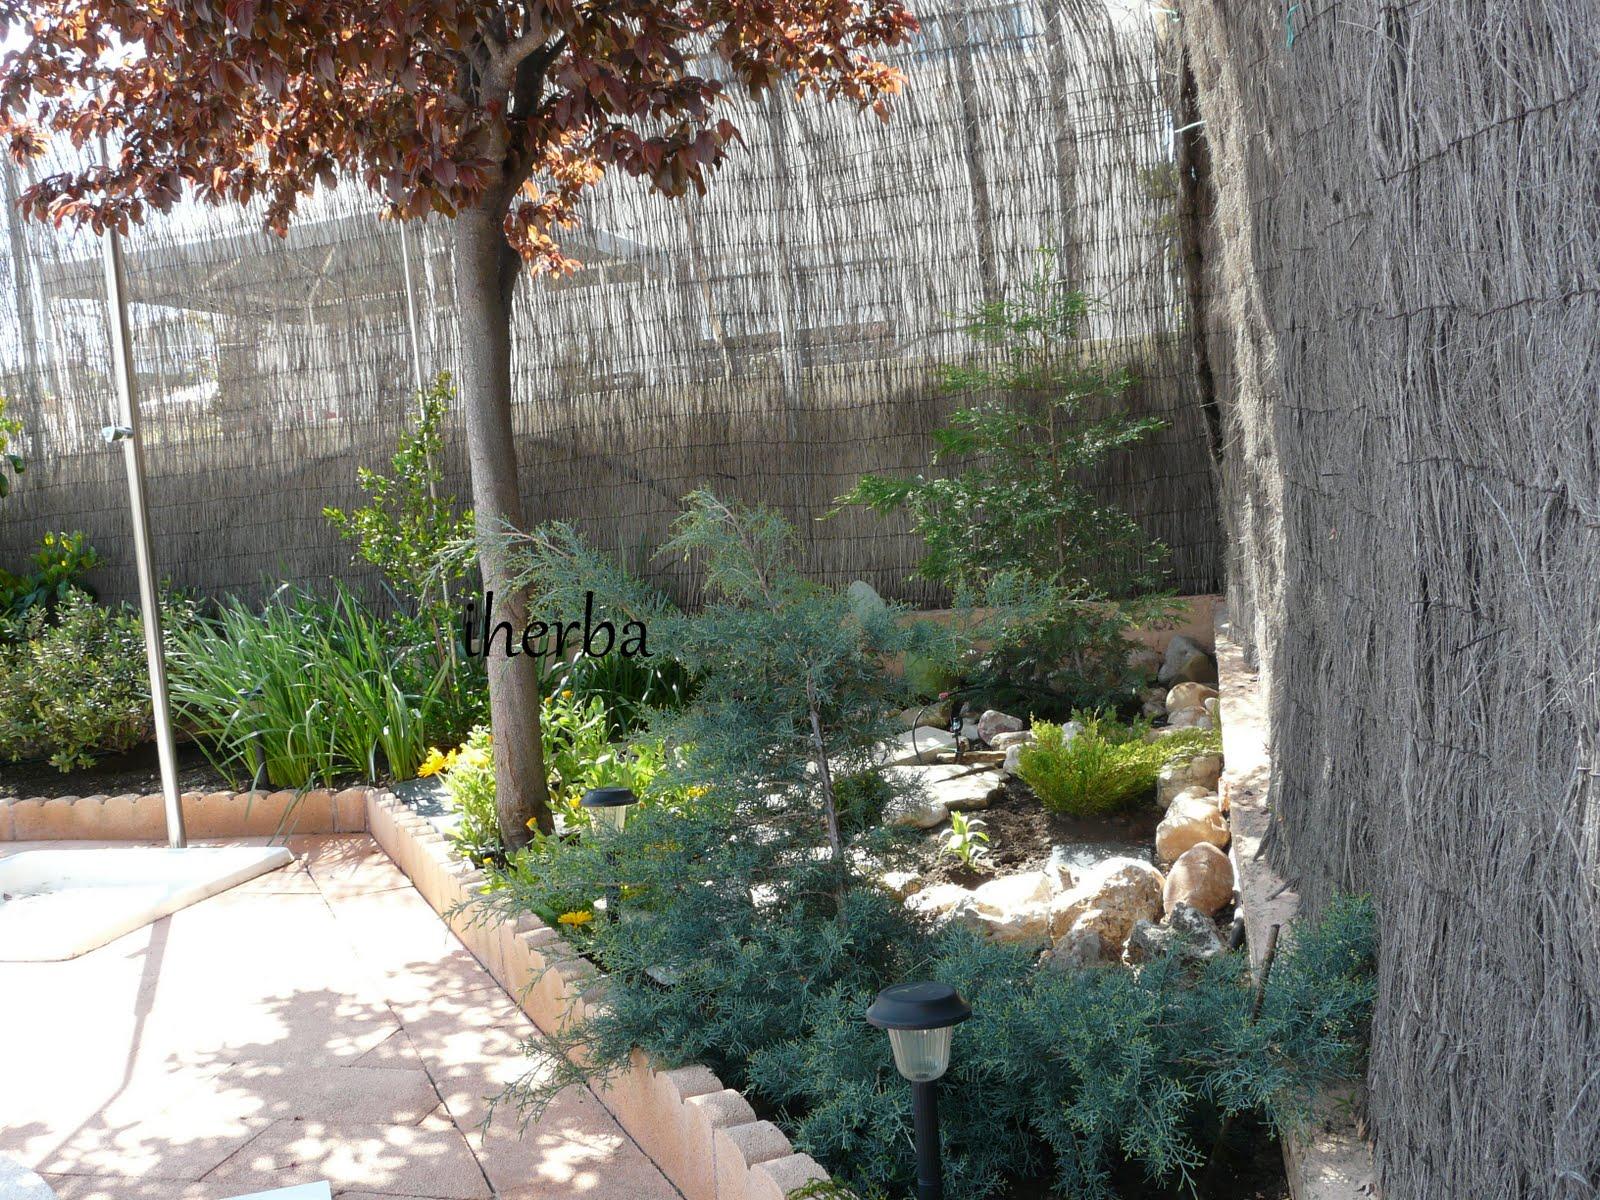 El mundo de las plantas de iherba abril 2010 - Plantas para arriates ...